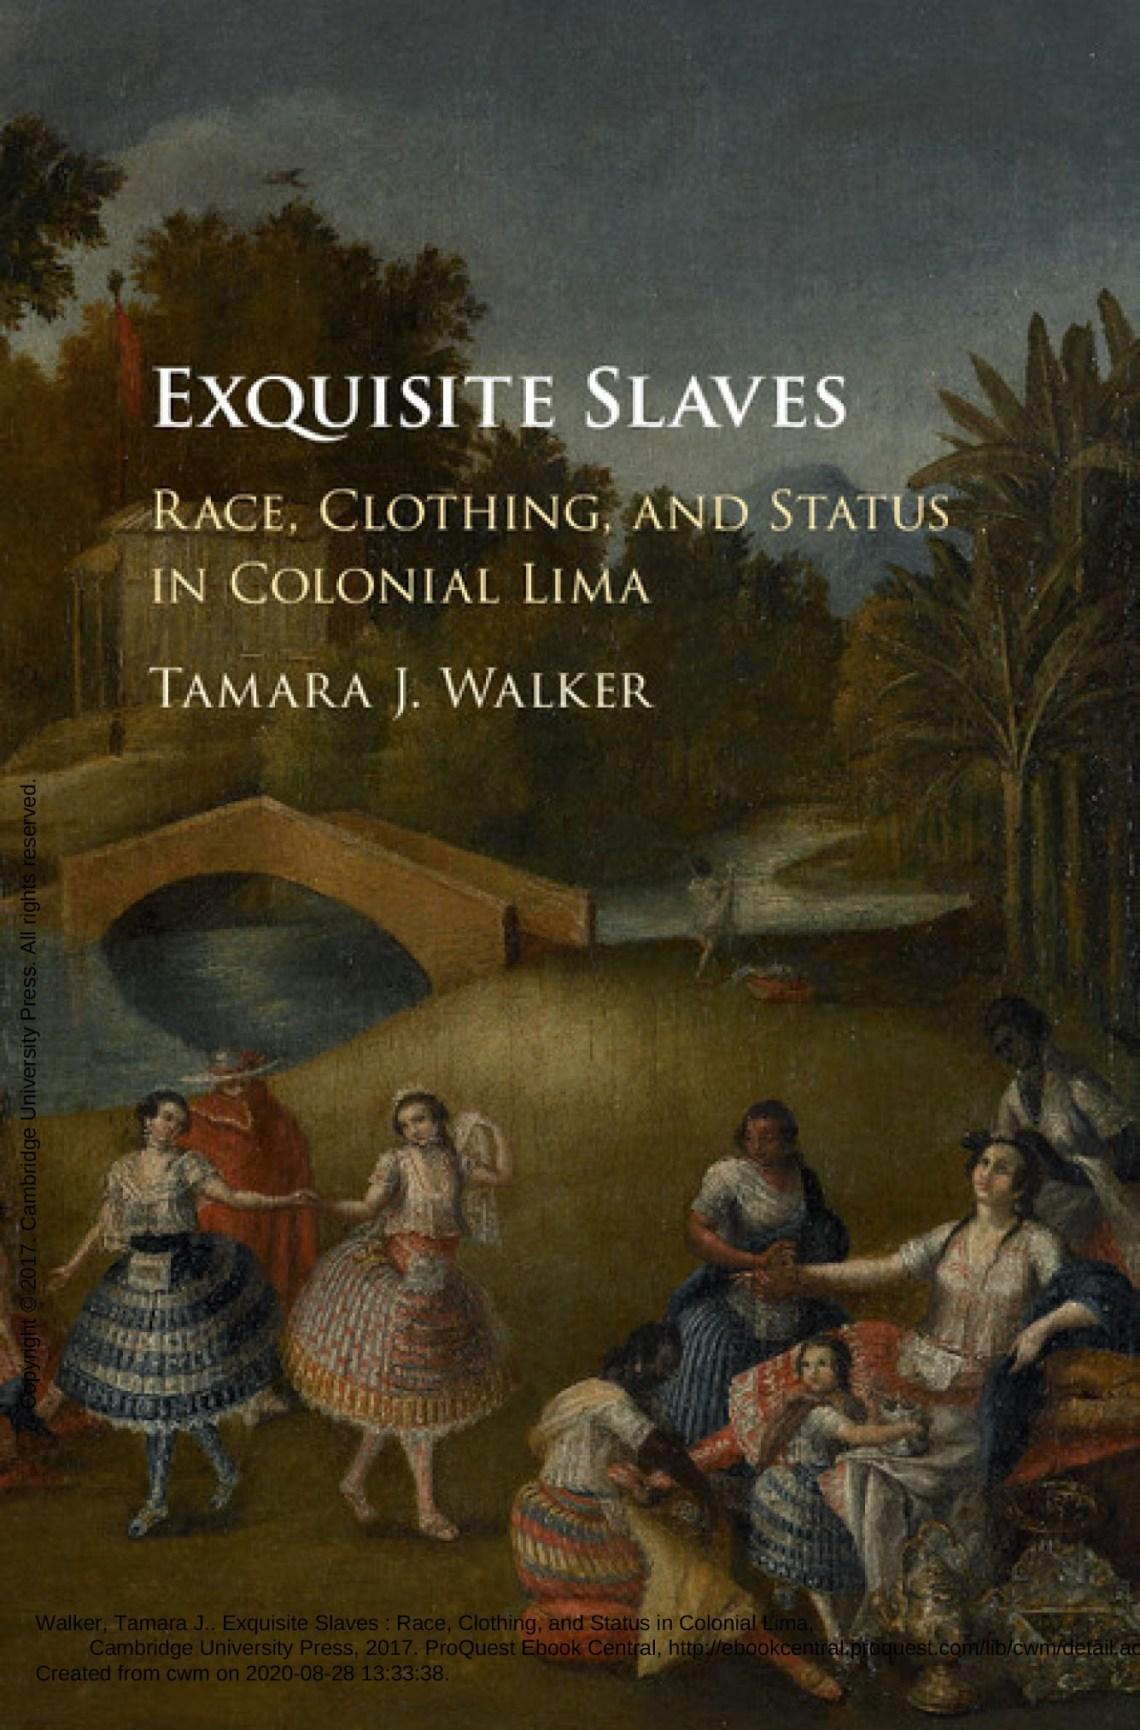 """Portada del libro """"Exquisite Slaves"""" (esclavos exquisitos)"""